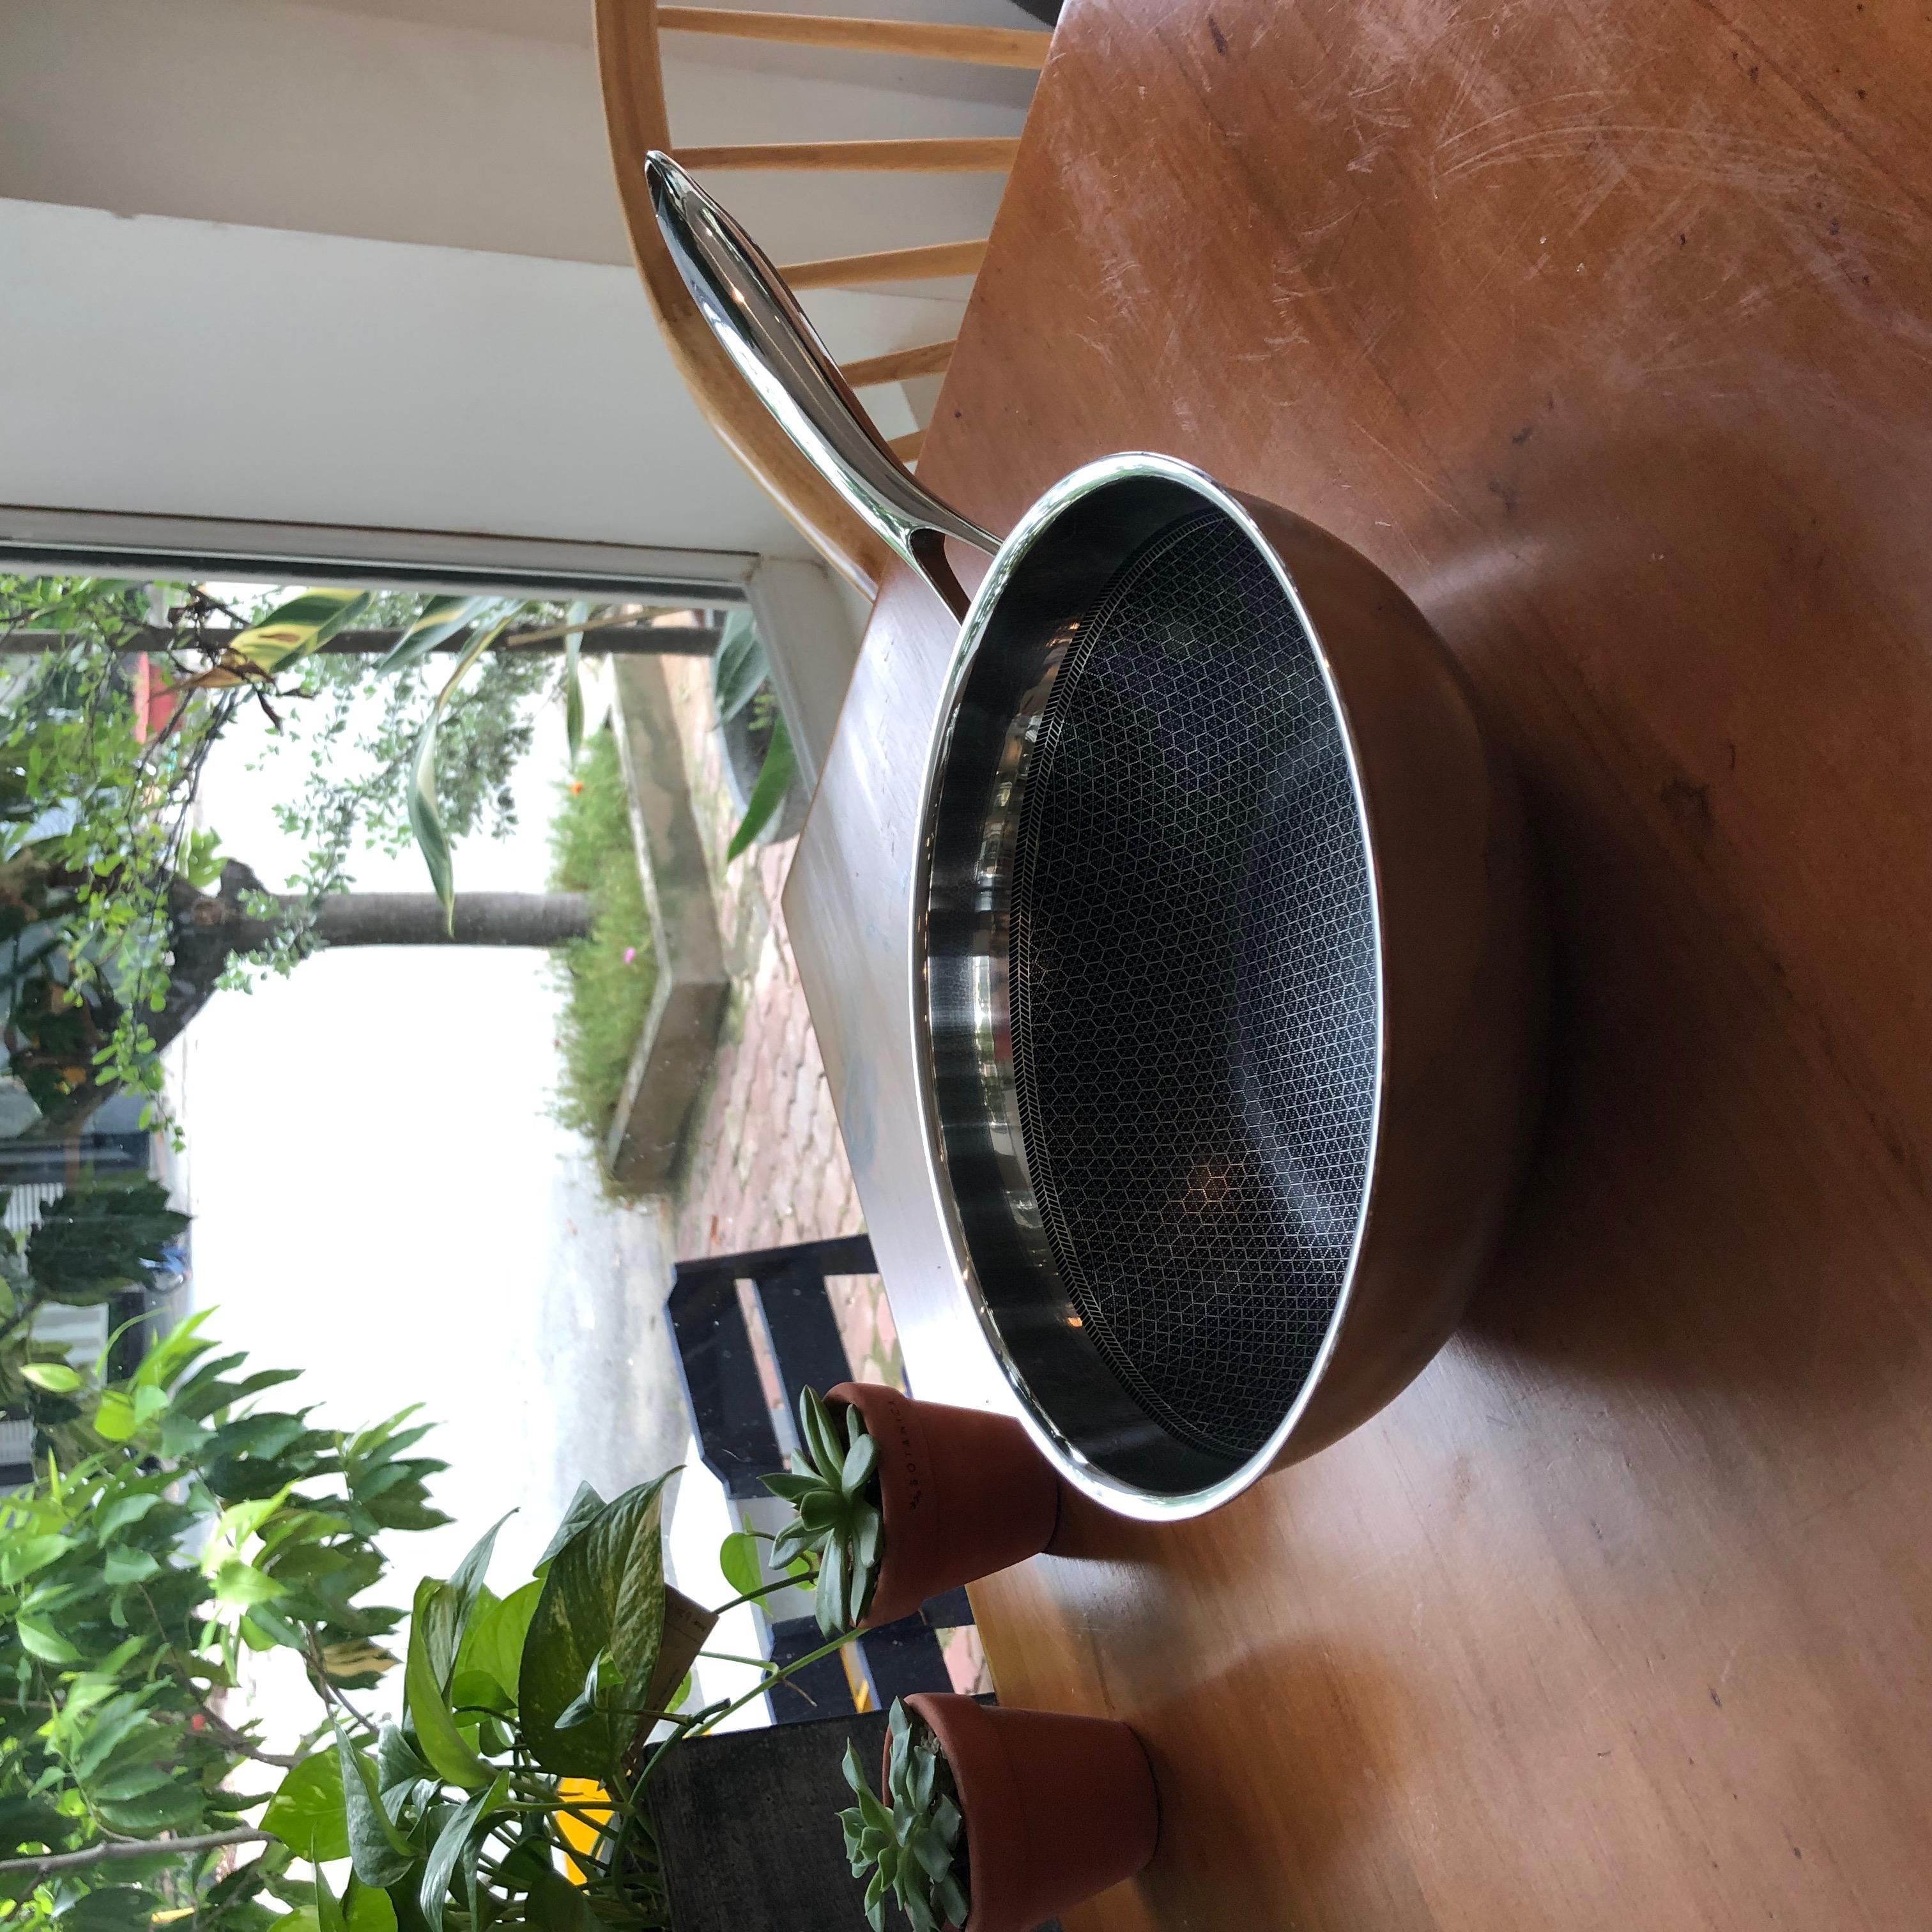 Chảo Sâu Lòng Chống Dính Blackcube Inox 304 - Thương Hiệu Berndorf Sandrik -  Size 24 Non-Stcik Stainless Steel  Fry Wok